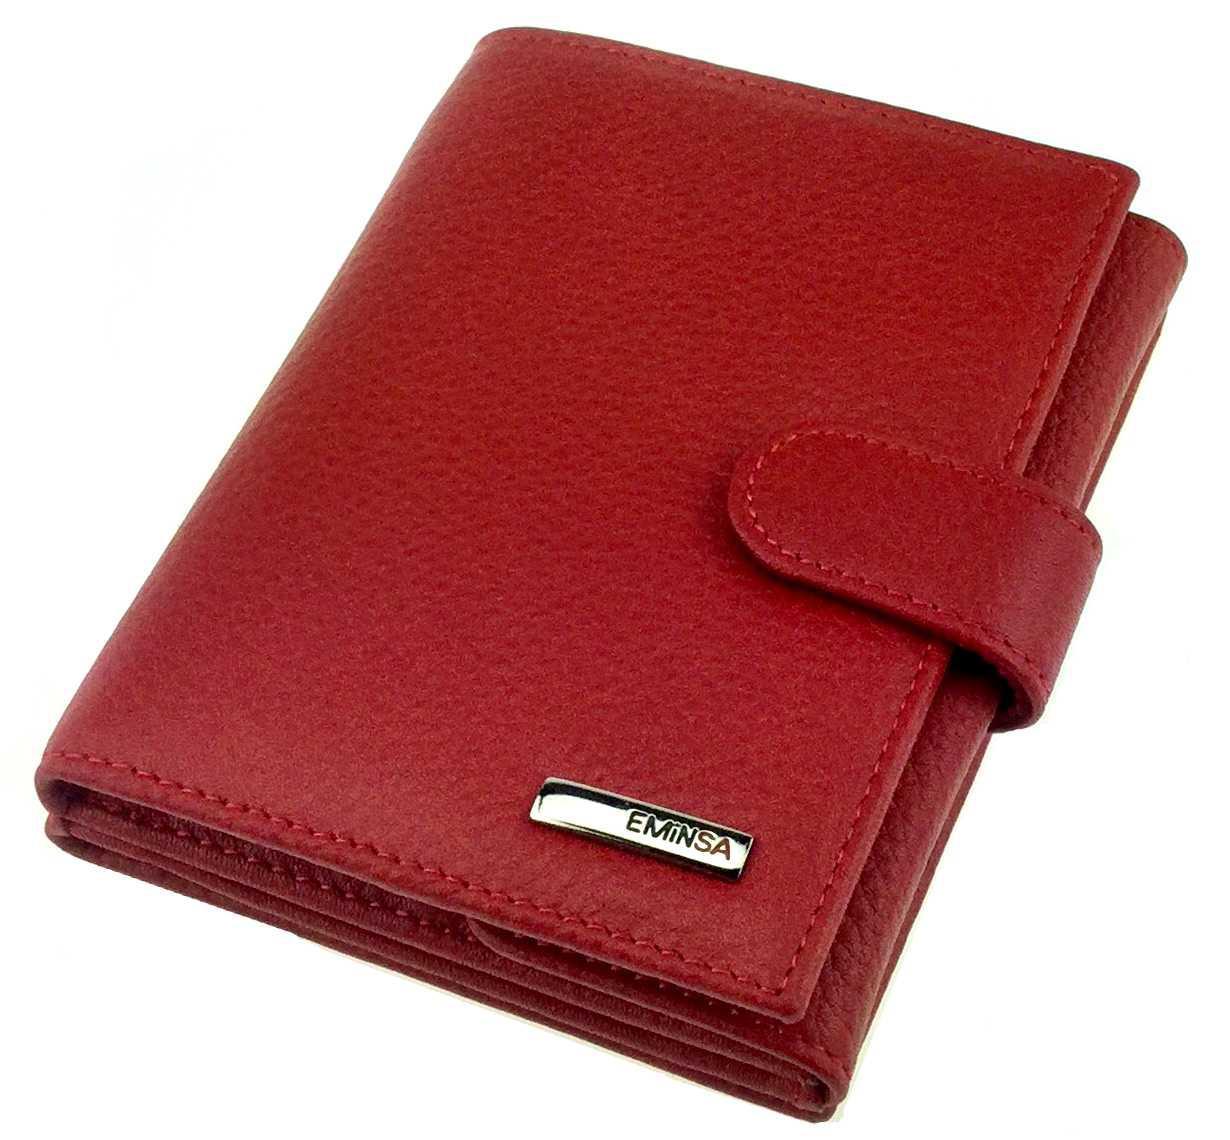 Женский кошелек Eminsa 2034-18-5 кожаный красный на два автономных отделения